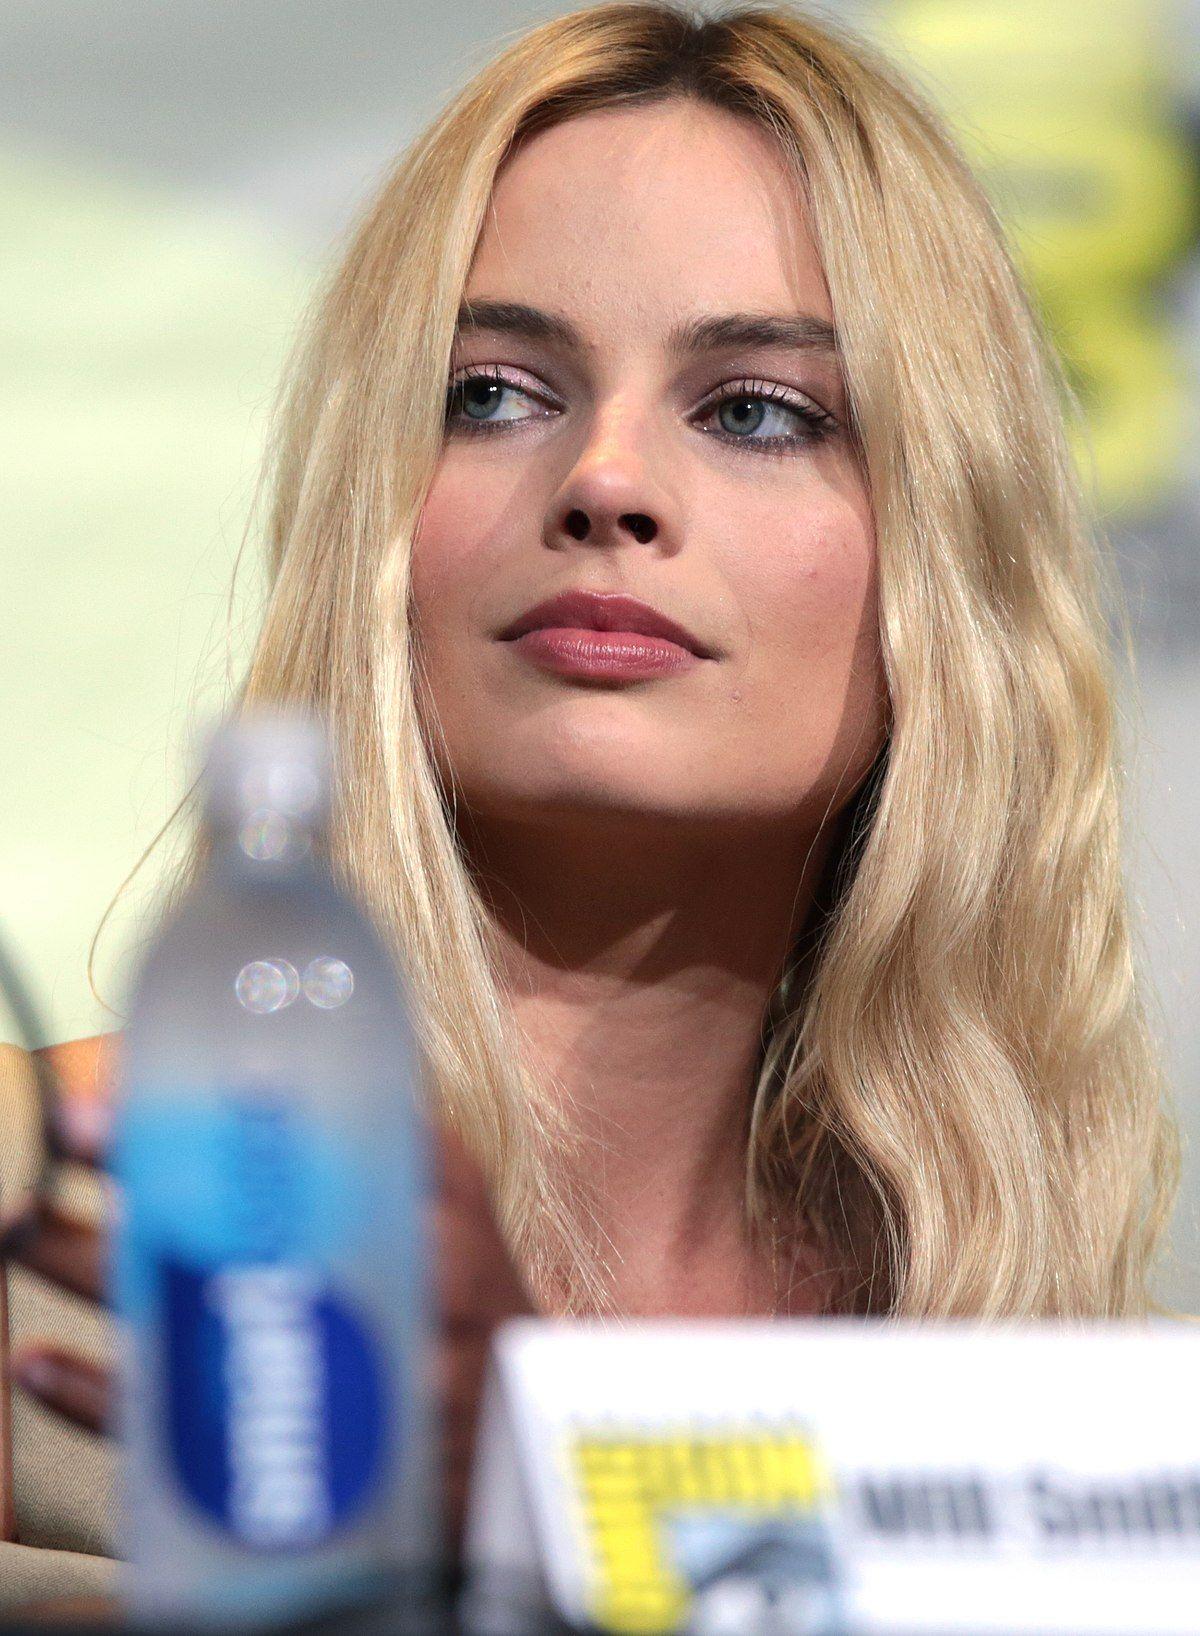 a25ba1d947 La mujer más hermosa del universo ❤😍❤